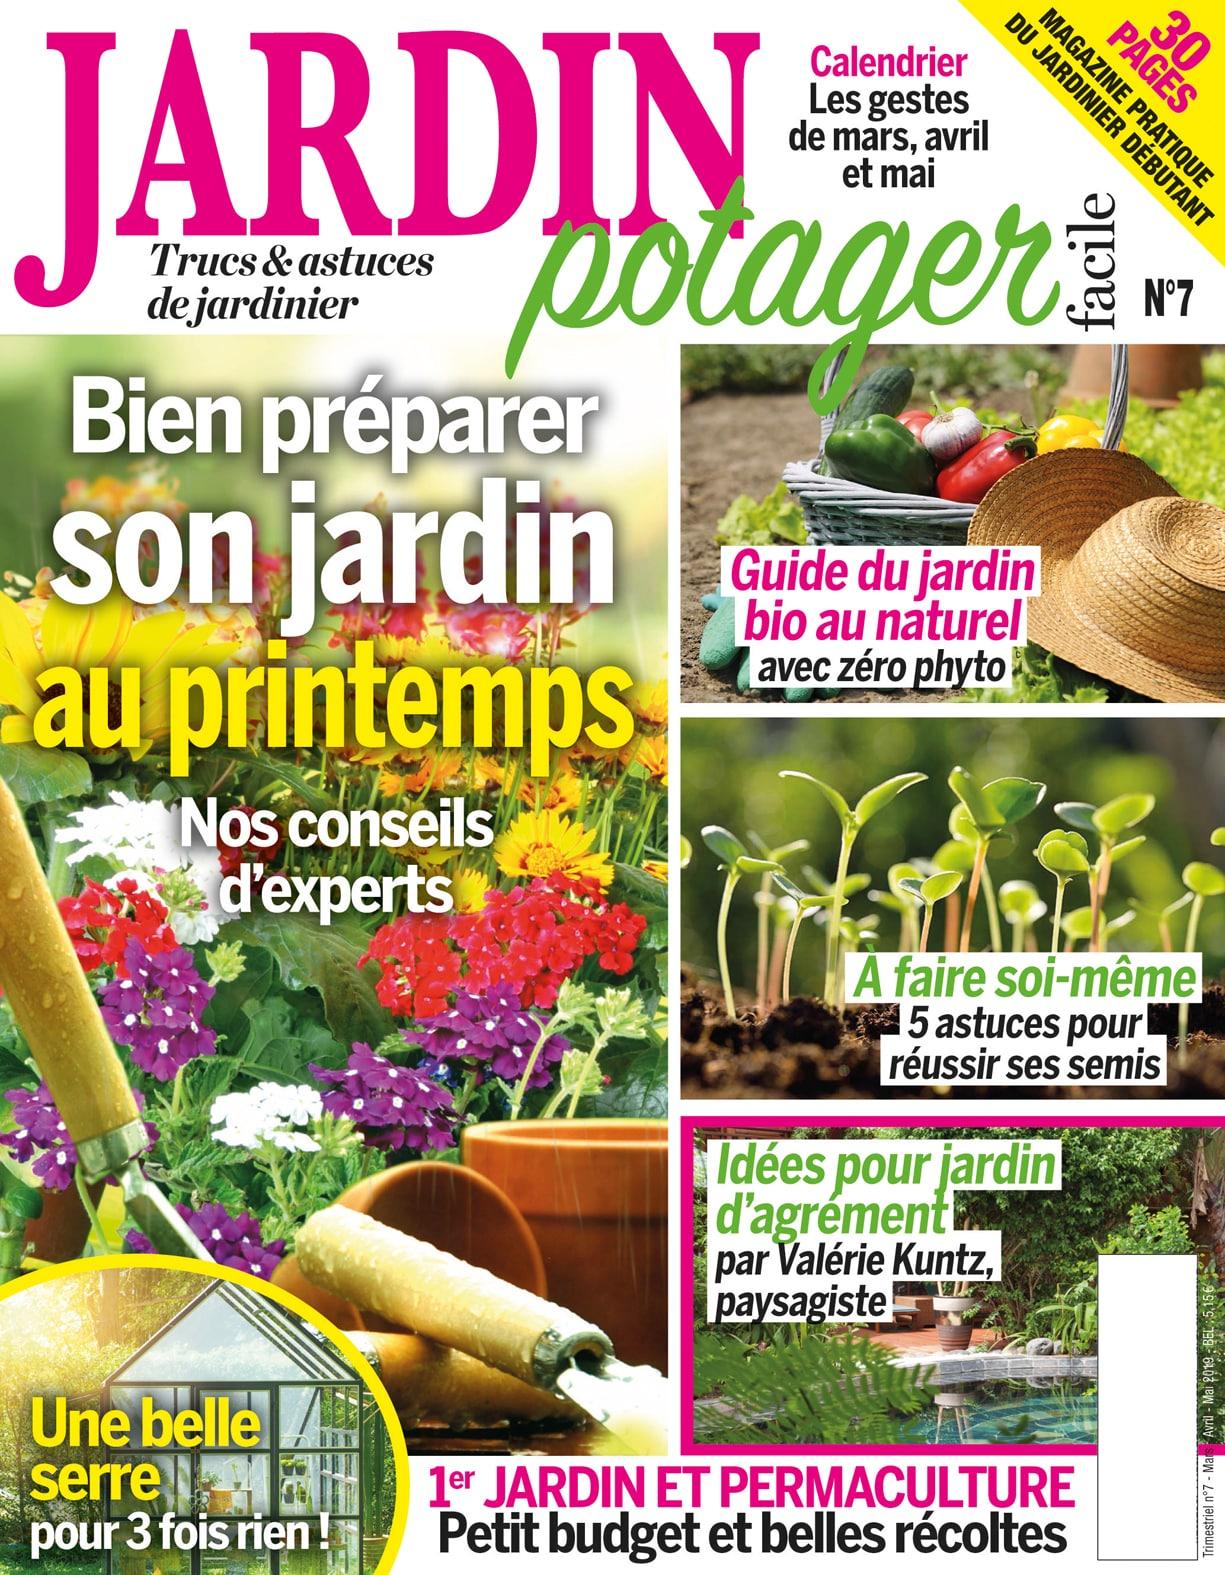 Jardin potager facile n 07 lafont presse - Jardin facile ...